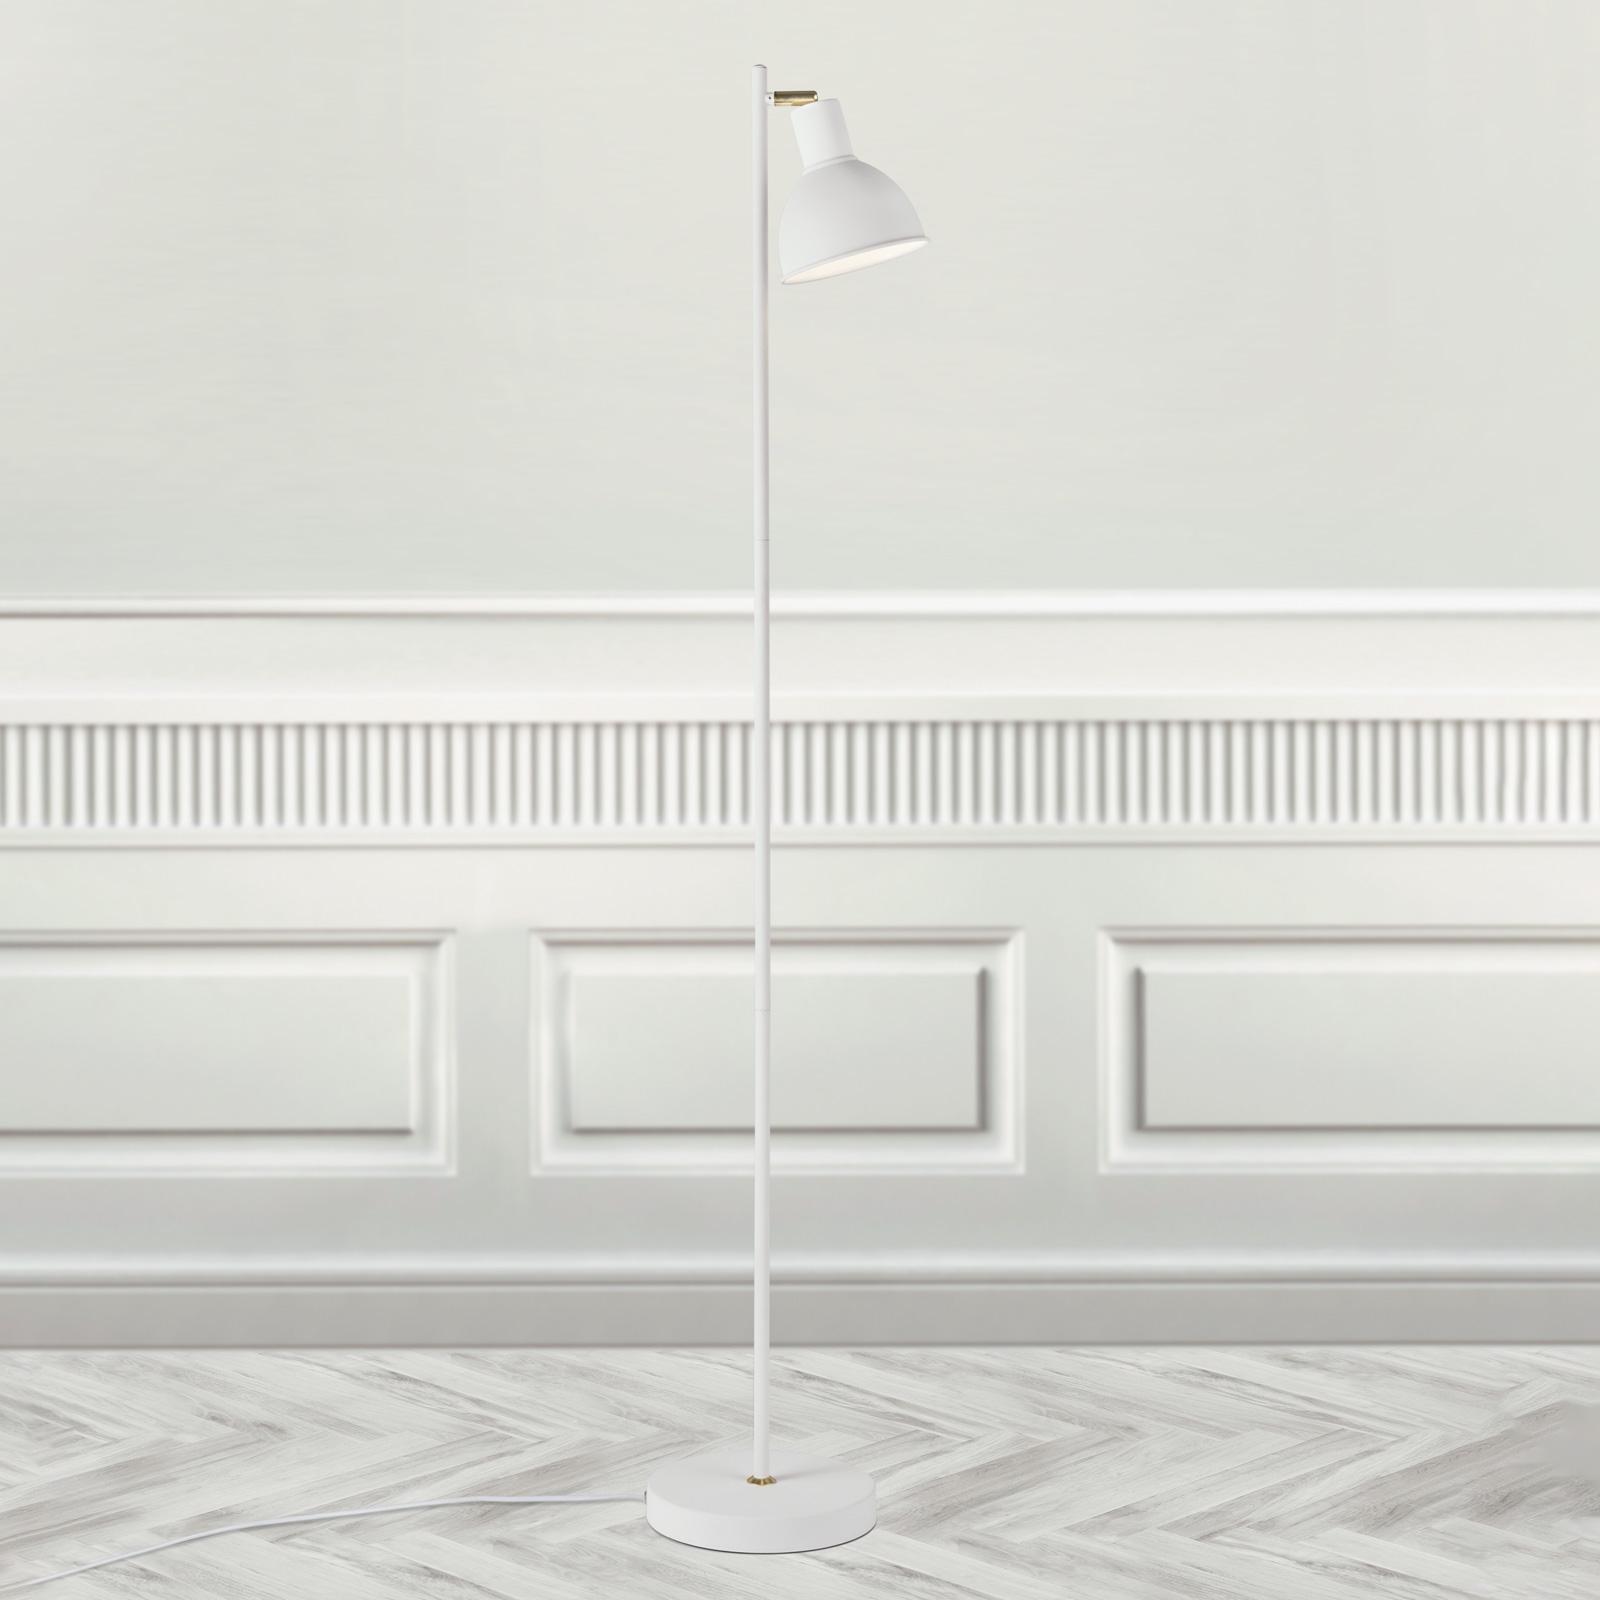 Lampada da terra Pop di design agile, bianco